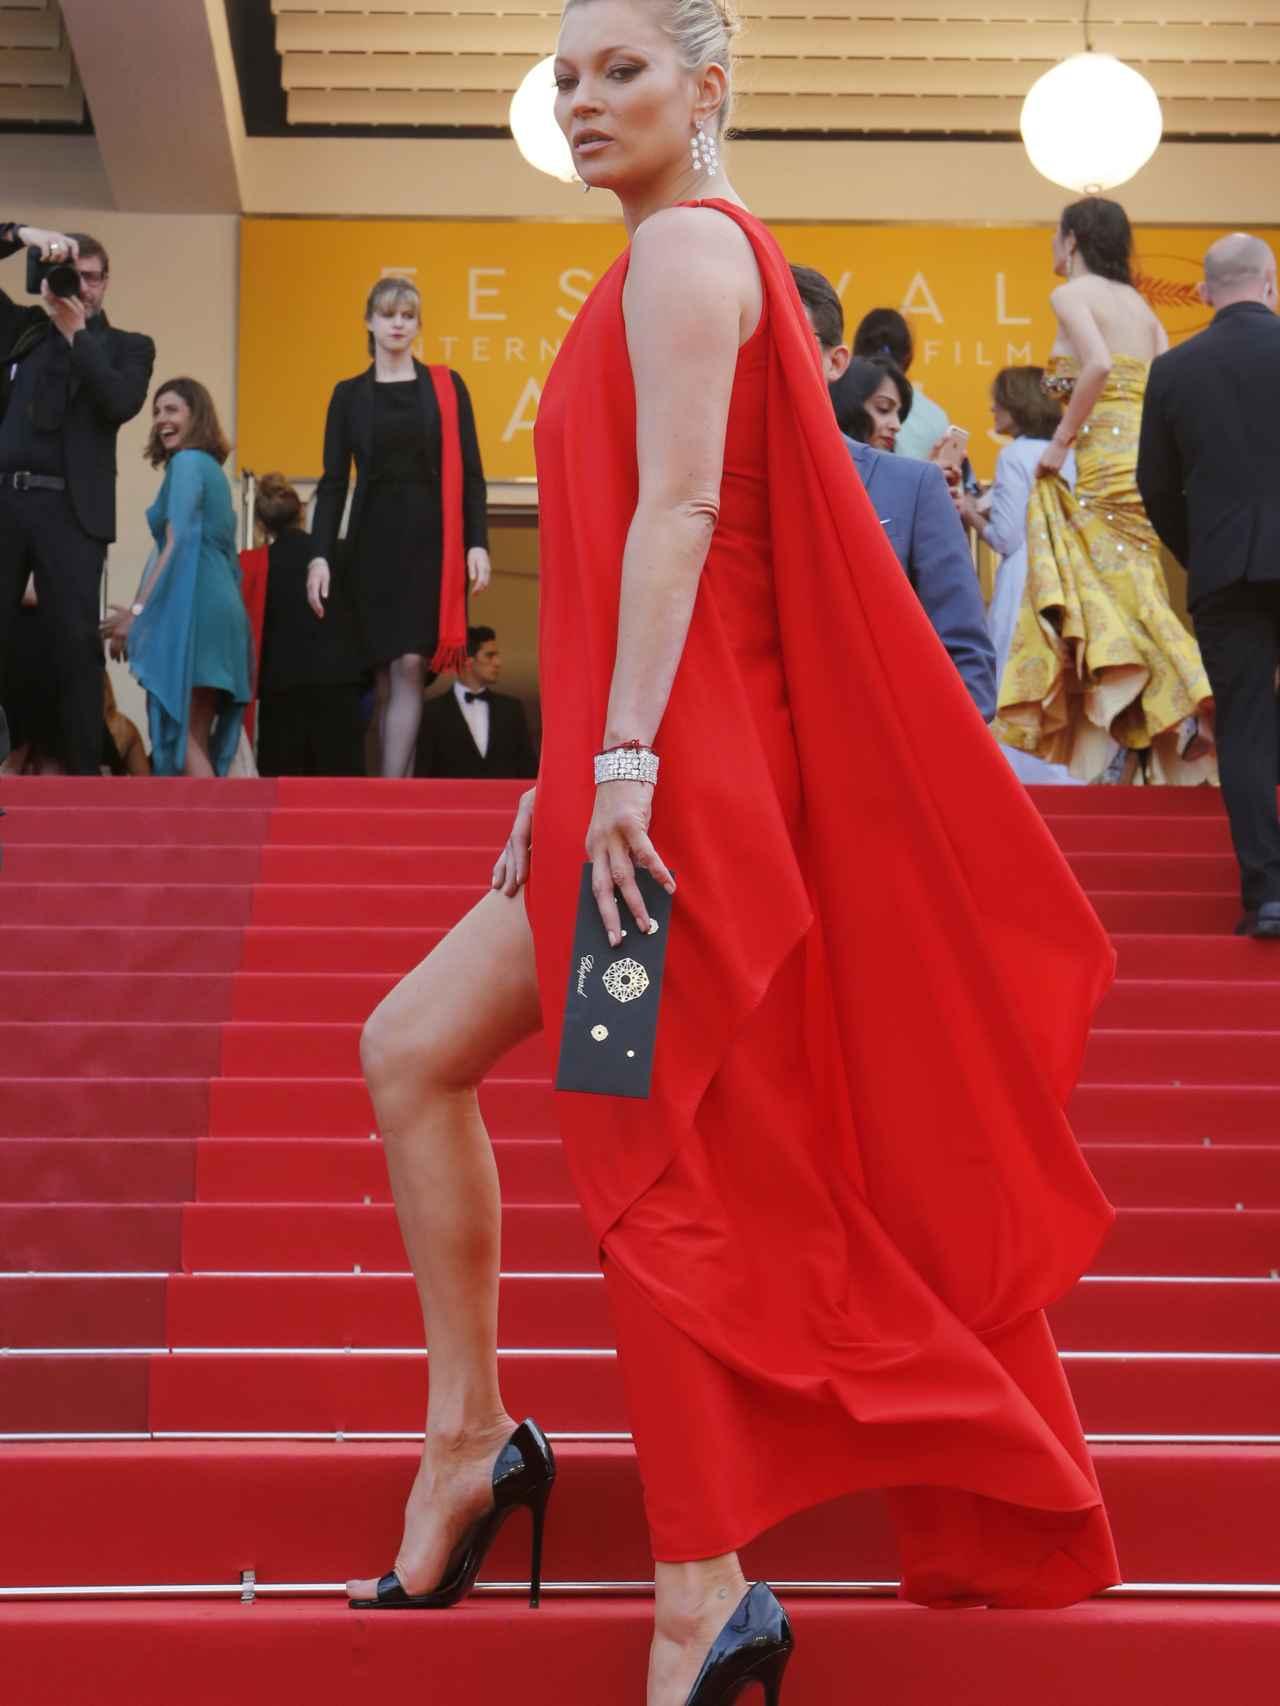 La súper modelo en Cannes